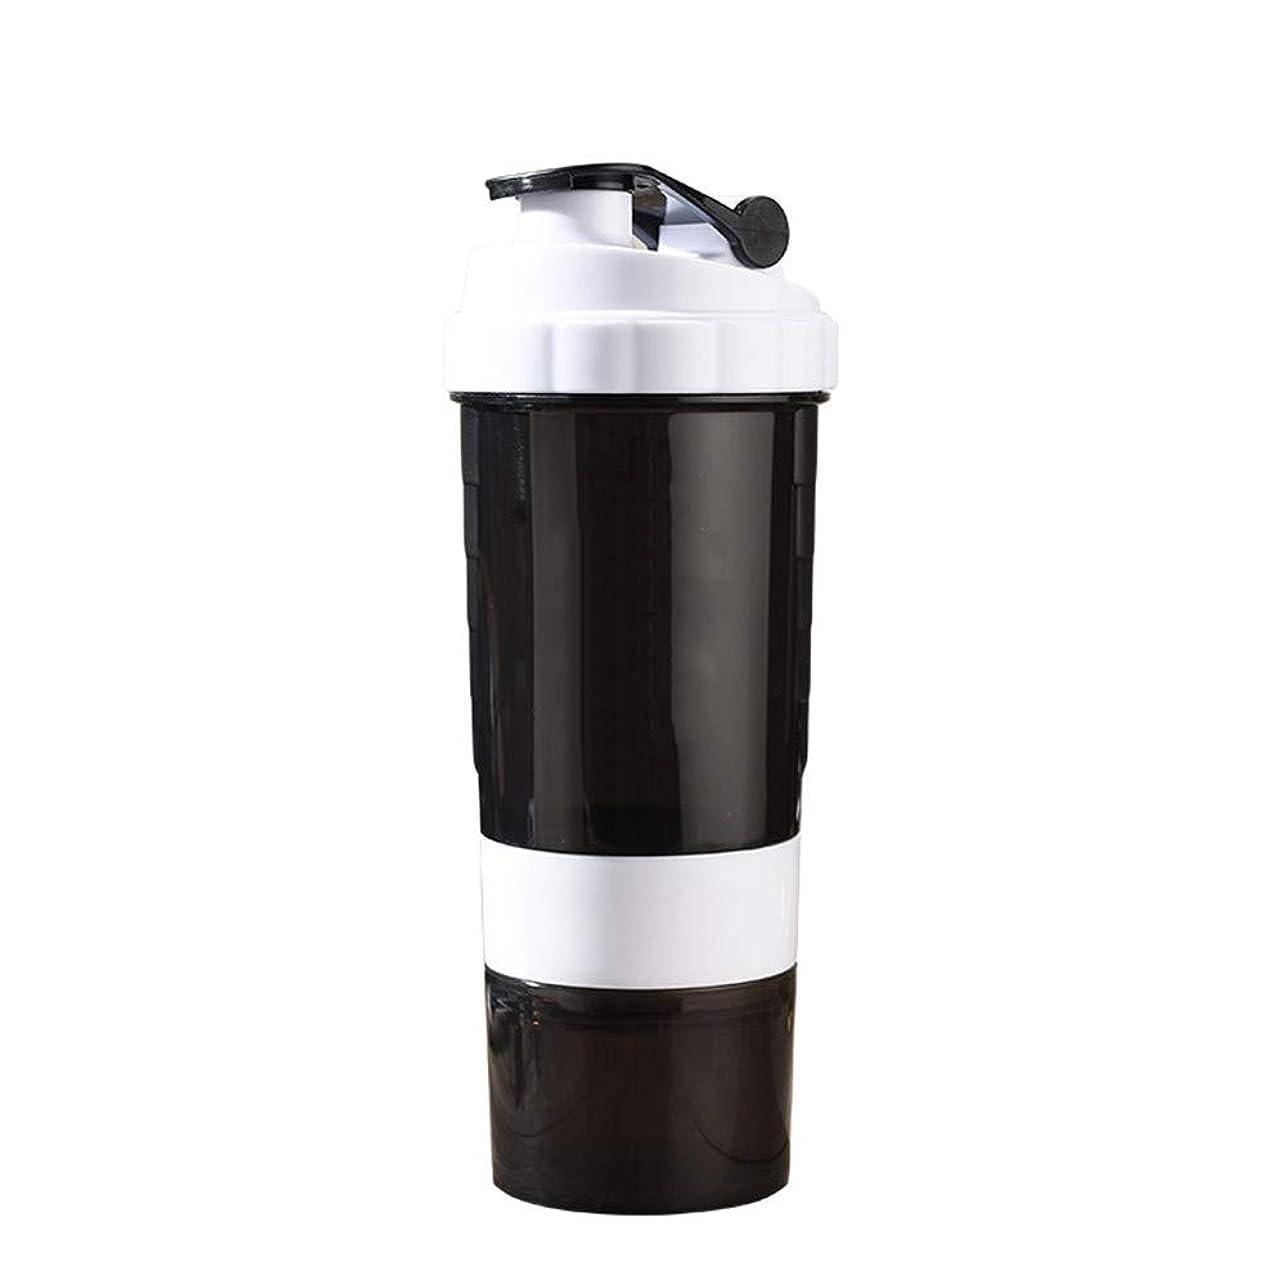 ホイールすぐに不条理ミルクセーキ シェイクカップフ[ 最新デザイン ] 多層タンパク質粉末 シェイクカップフ ィット ネススポ ーツウォーターボトル 旋風やかんミルク スケールティーカップ